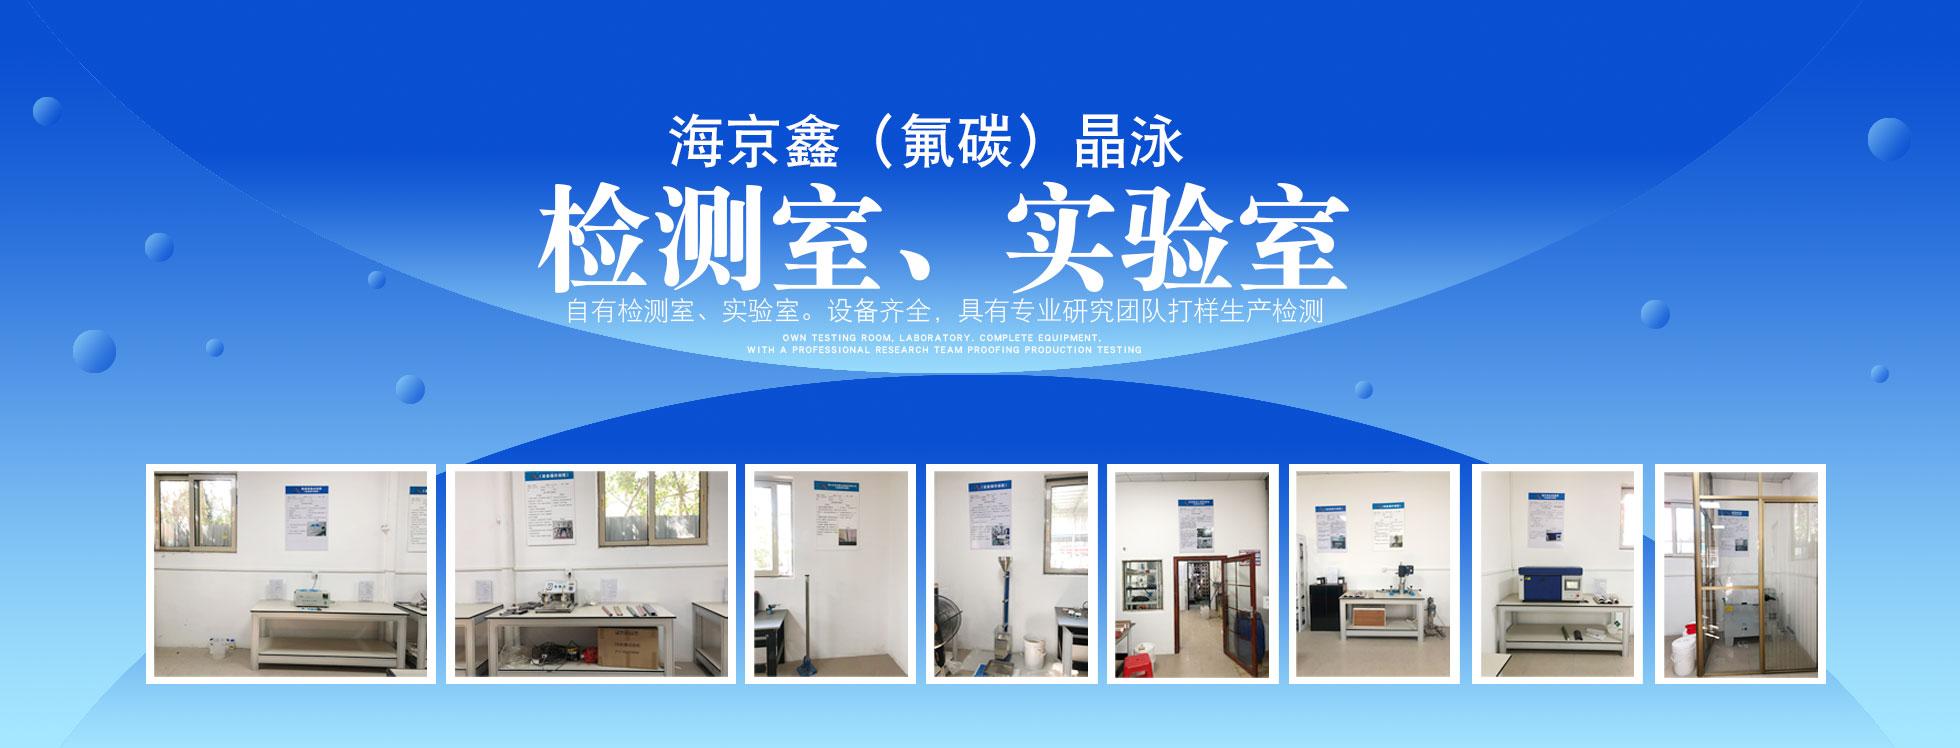 海京鑫实验室检测室